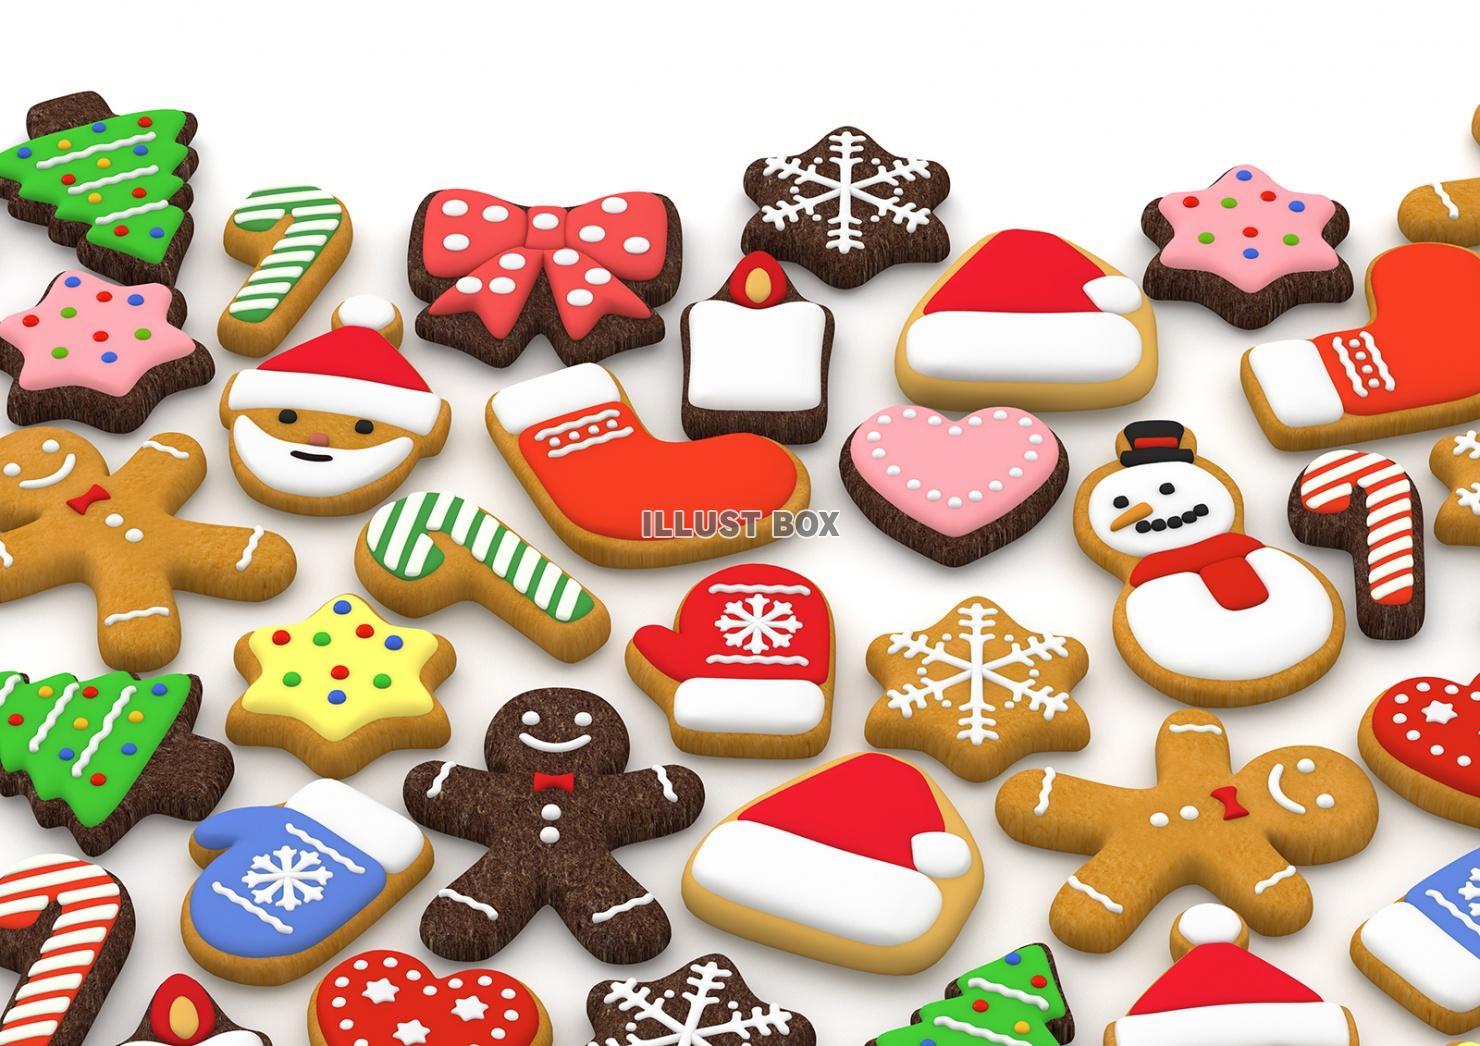 無料イラスト クリスマスクッキー 3dイラスト04